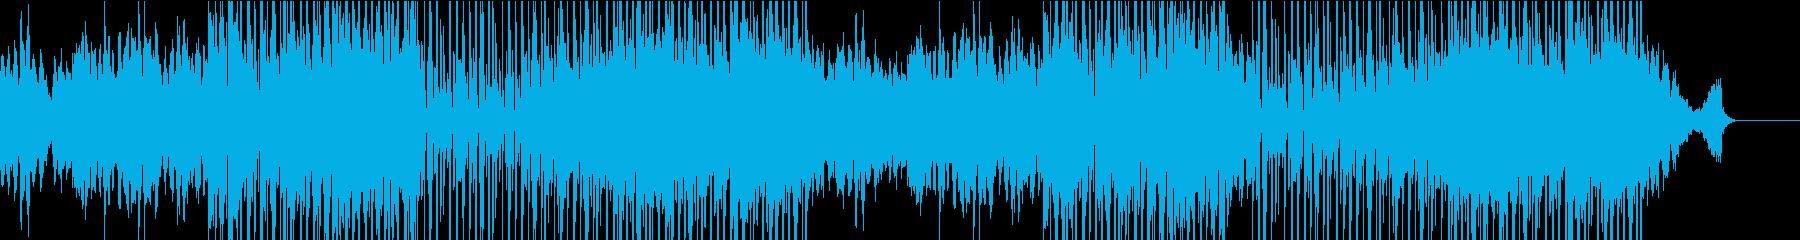 優しいピアノのBGMの再生済みの波形